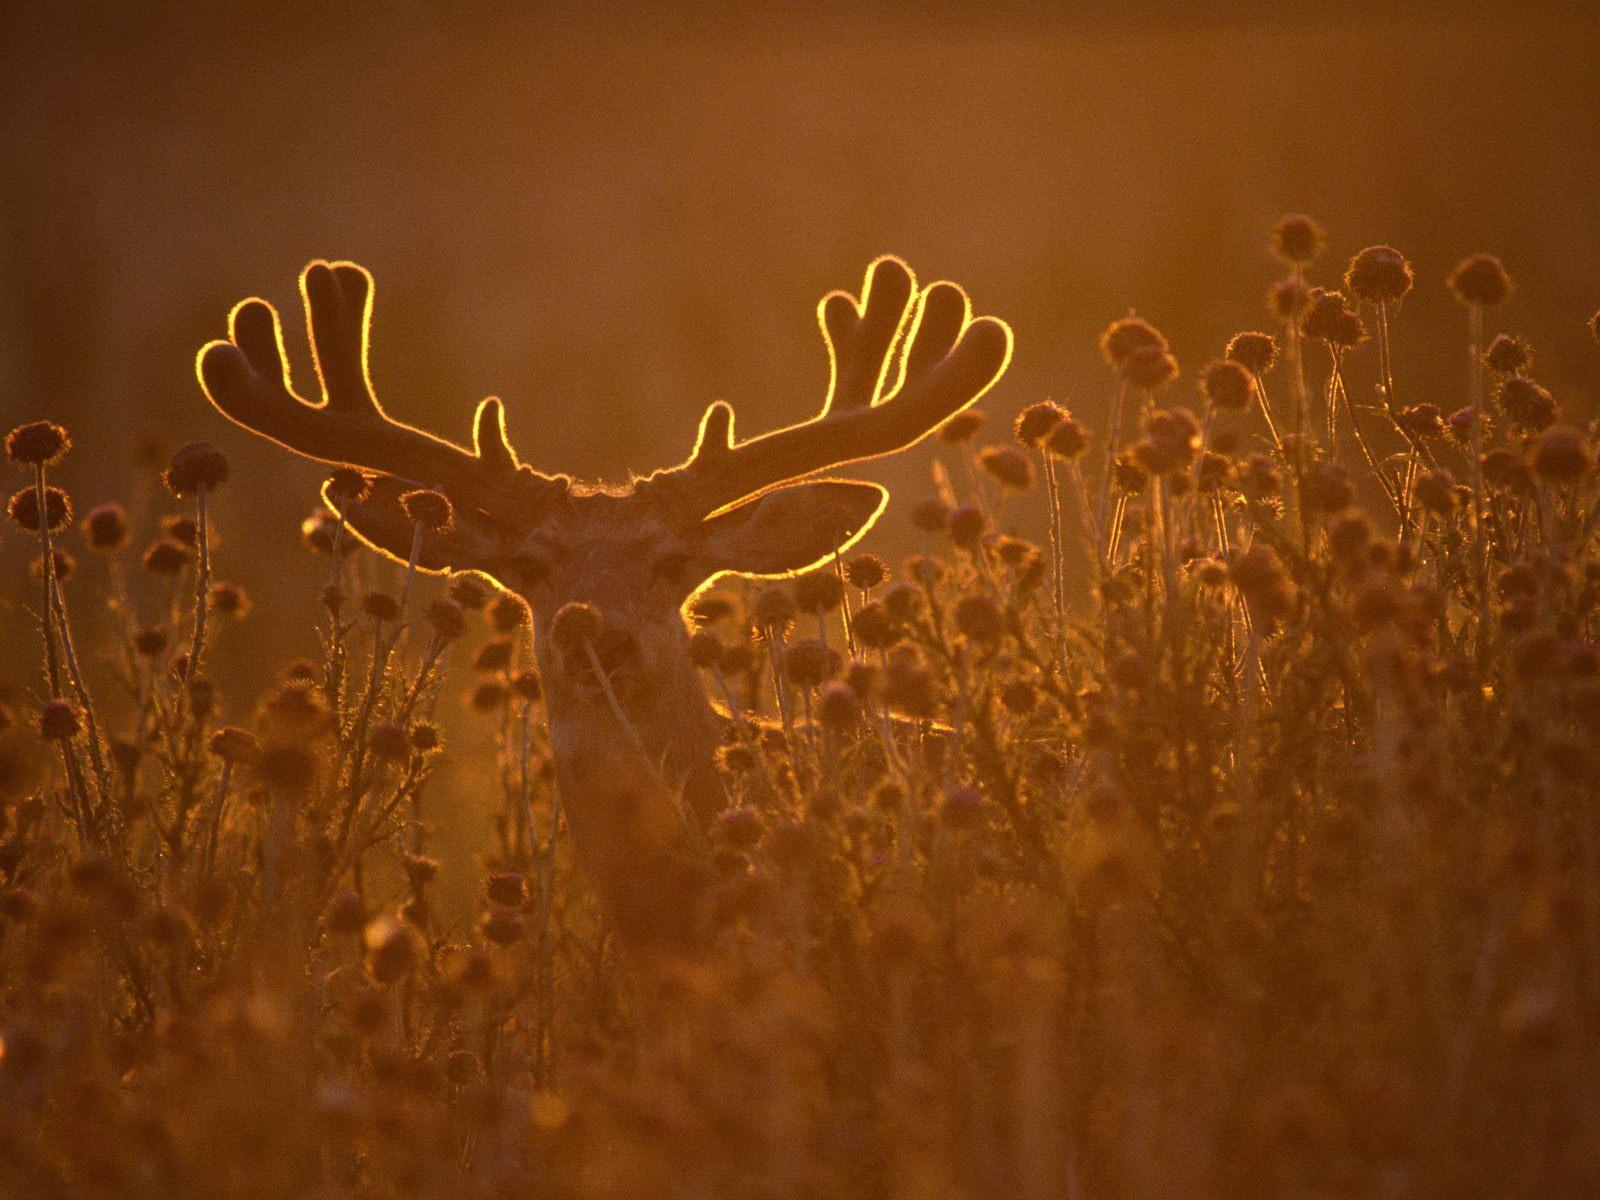 http://2.bp.blogspot.com/-LG1Nr8Ut-_E/TnDBcgE53CI/AAAAAAAAAKQ/QCyYmdDW1KU/s1600/deer-wallpaper-24-700970.jpg